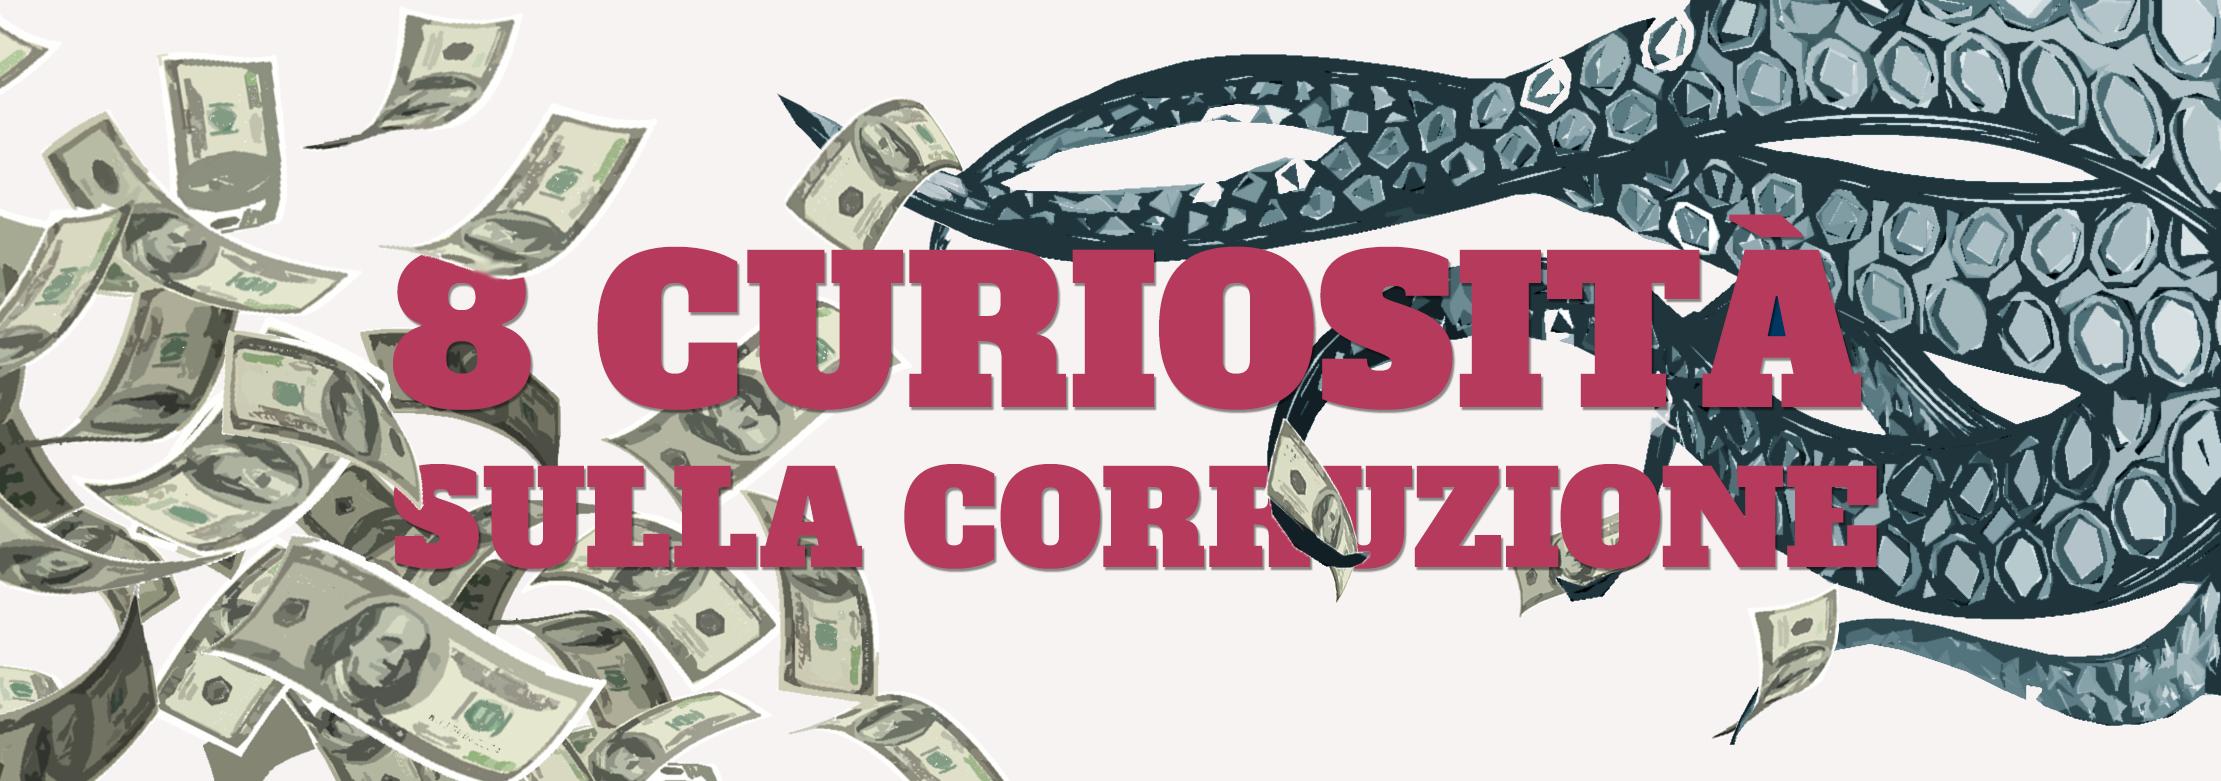 scandalo corruzione